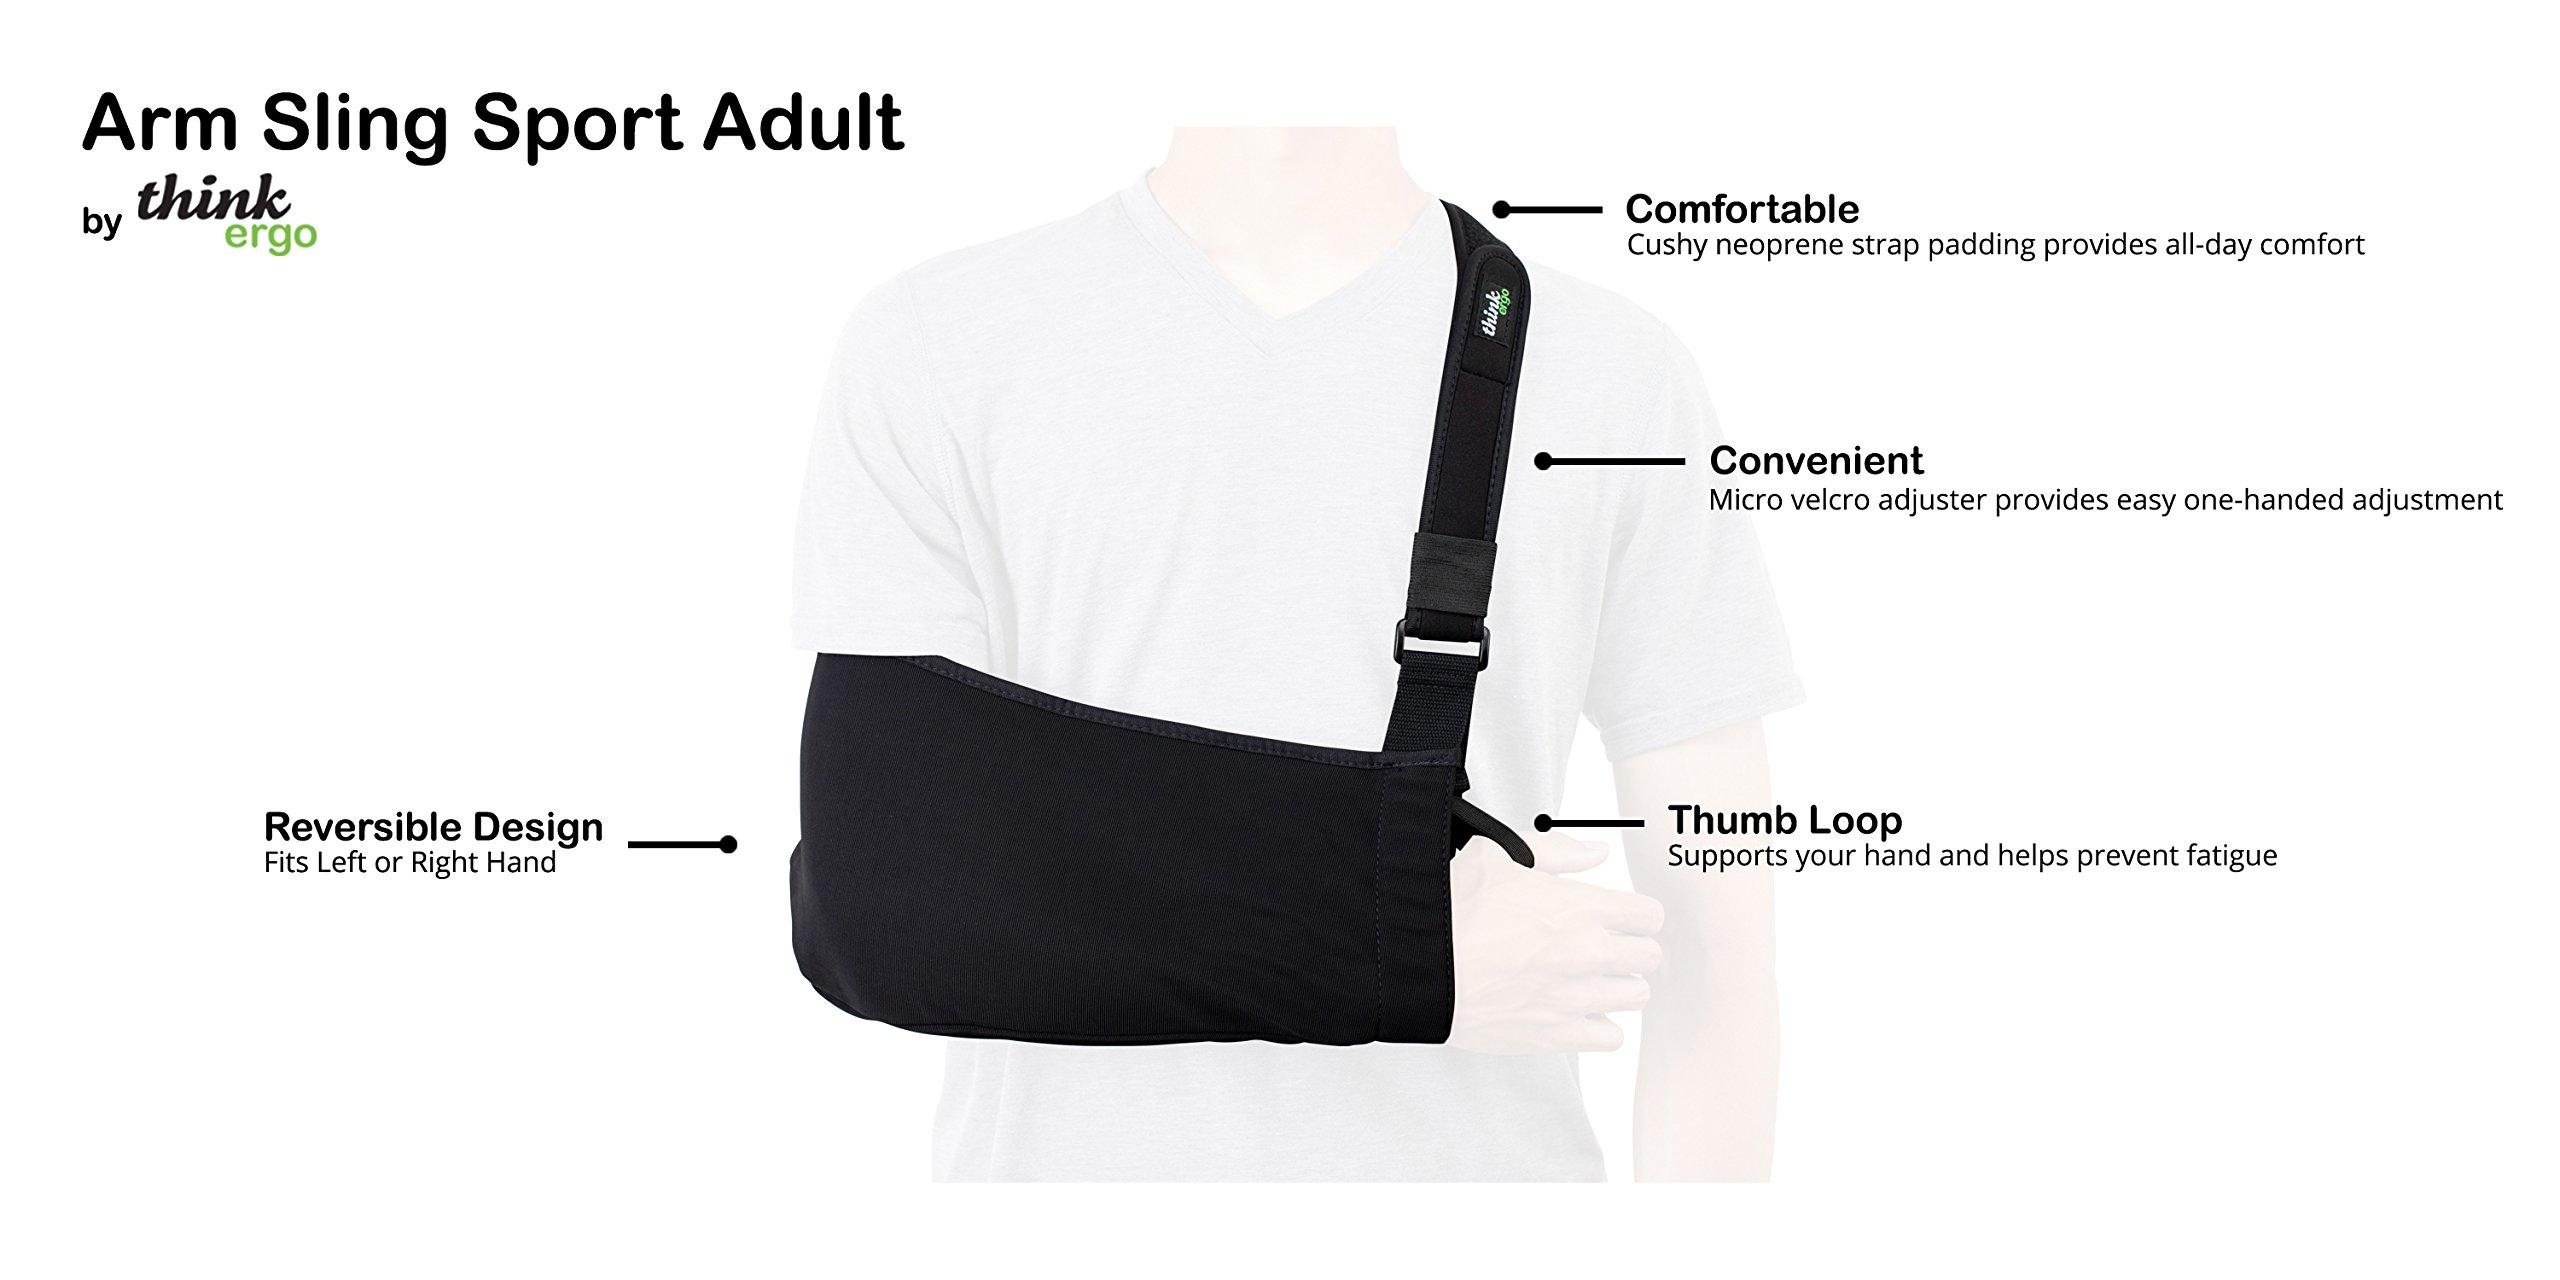 Think Ergo Arm Sling Sport - Lightweight, Breathable, Ergonomically Designed Medical Sling for Broken & Fractured Bones - Adjustable Arm, Shoulder & Rotator Cuff Support (Adult) by Think Ergo (Image #2)